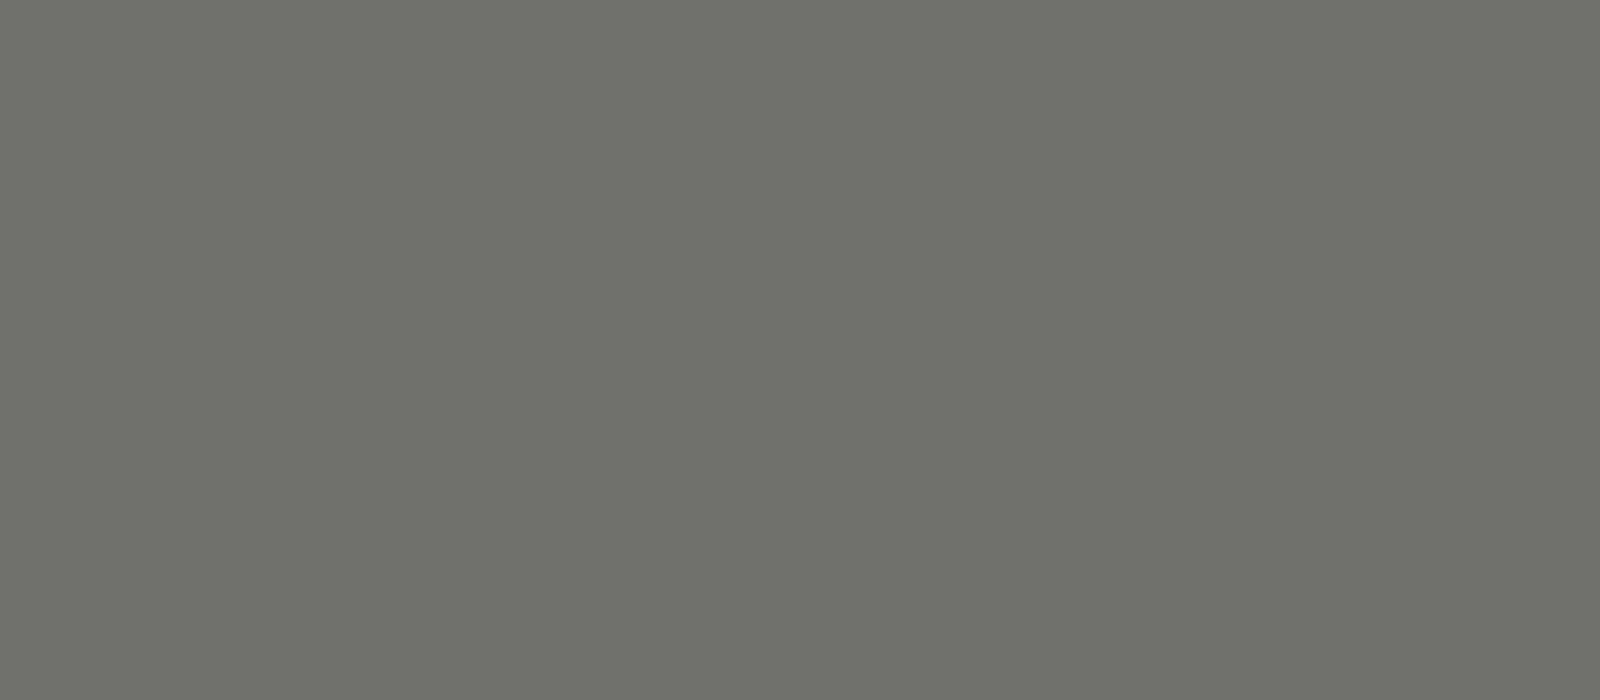 colore classico stone grey     0,40 1420